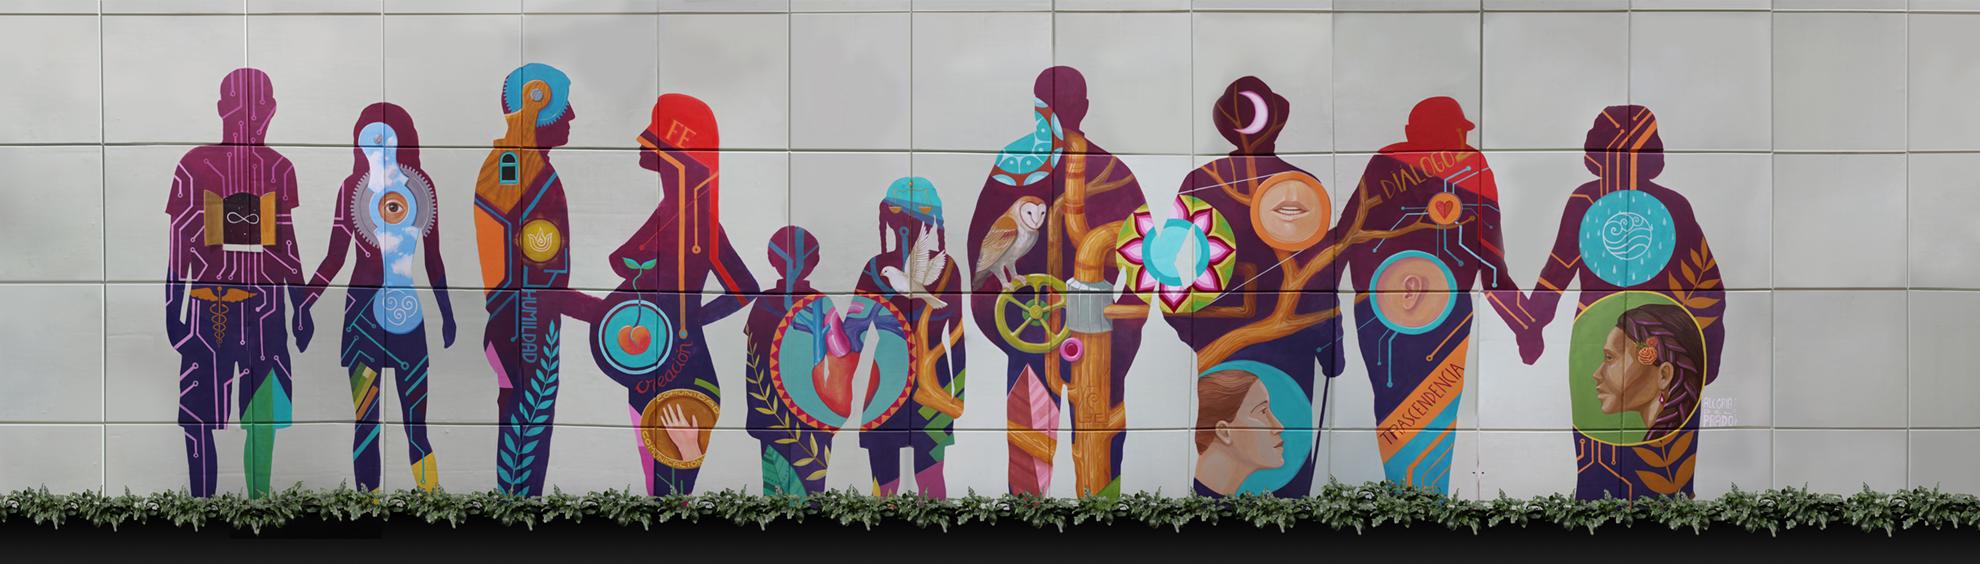 03-PSM Mural.jpg